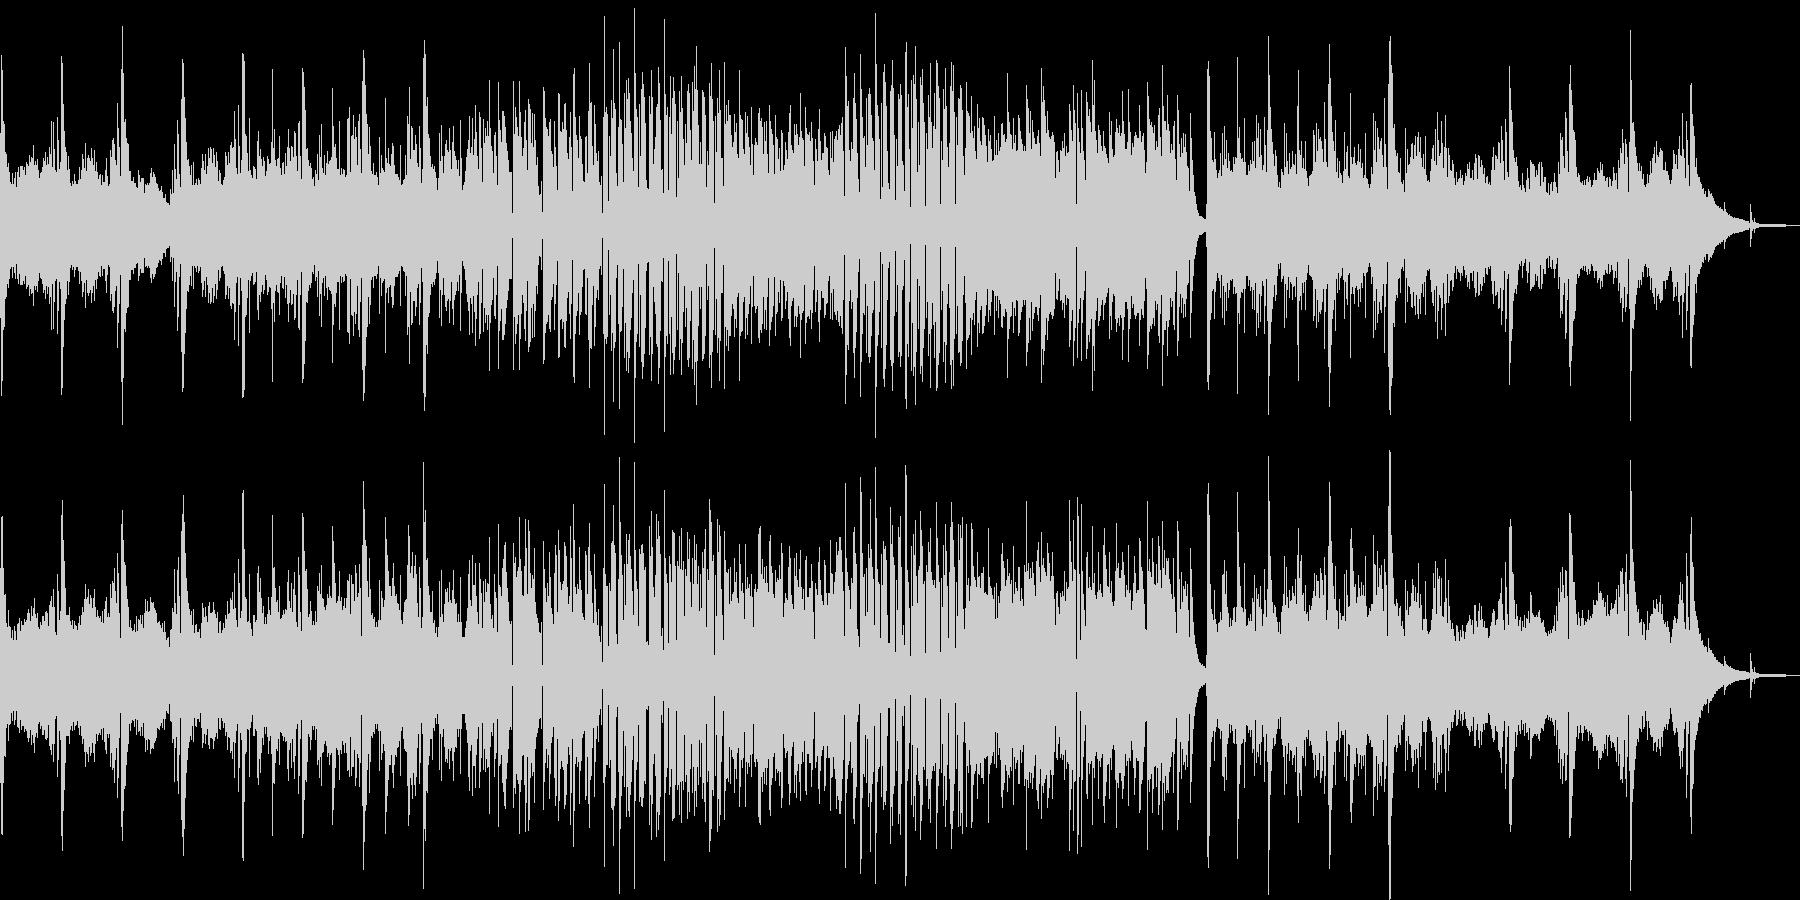 即興的なで優しいアコギフレーズのBGMの未再生の波形